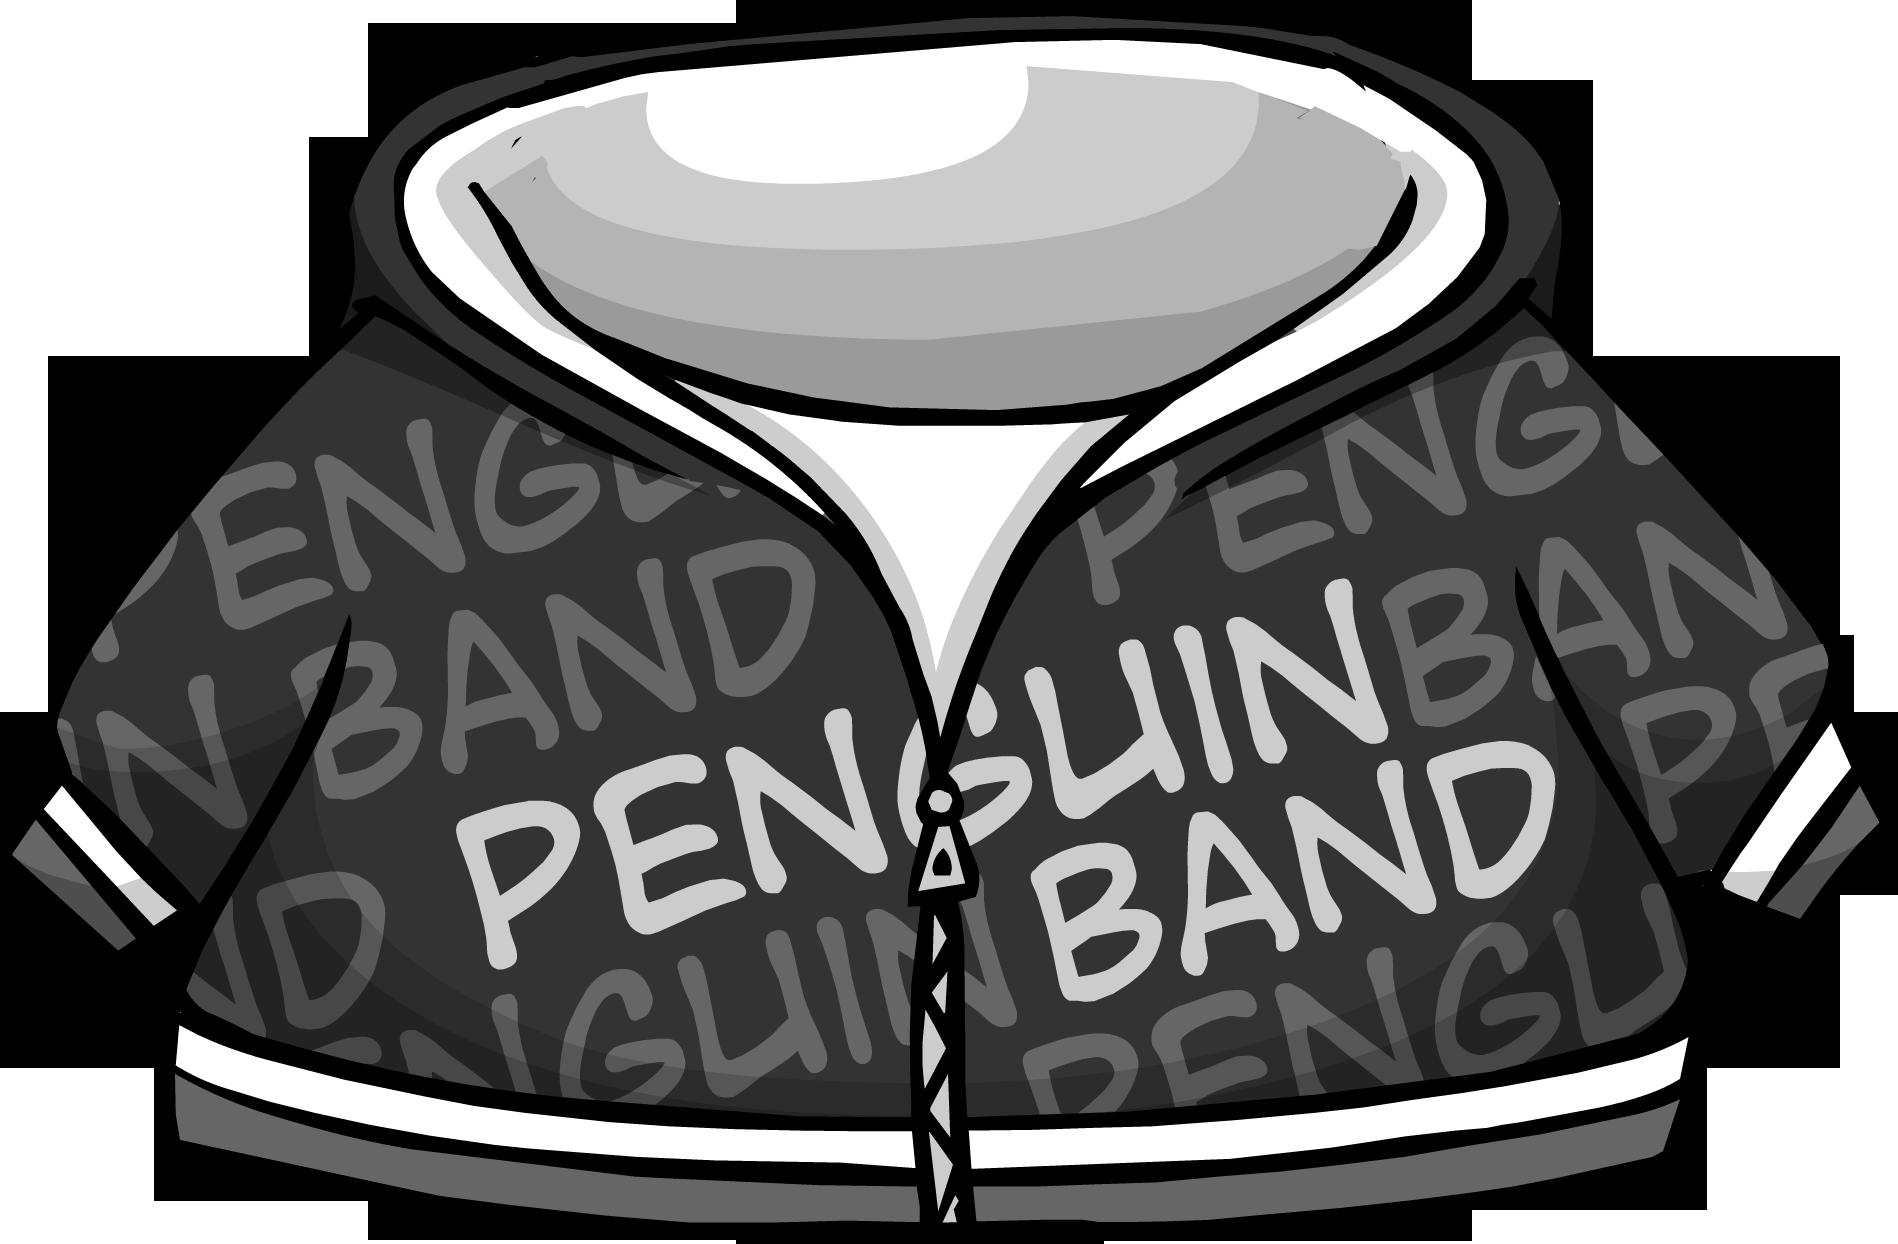 Cangurito Negro de la Penguin Band